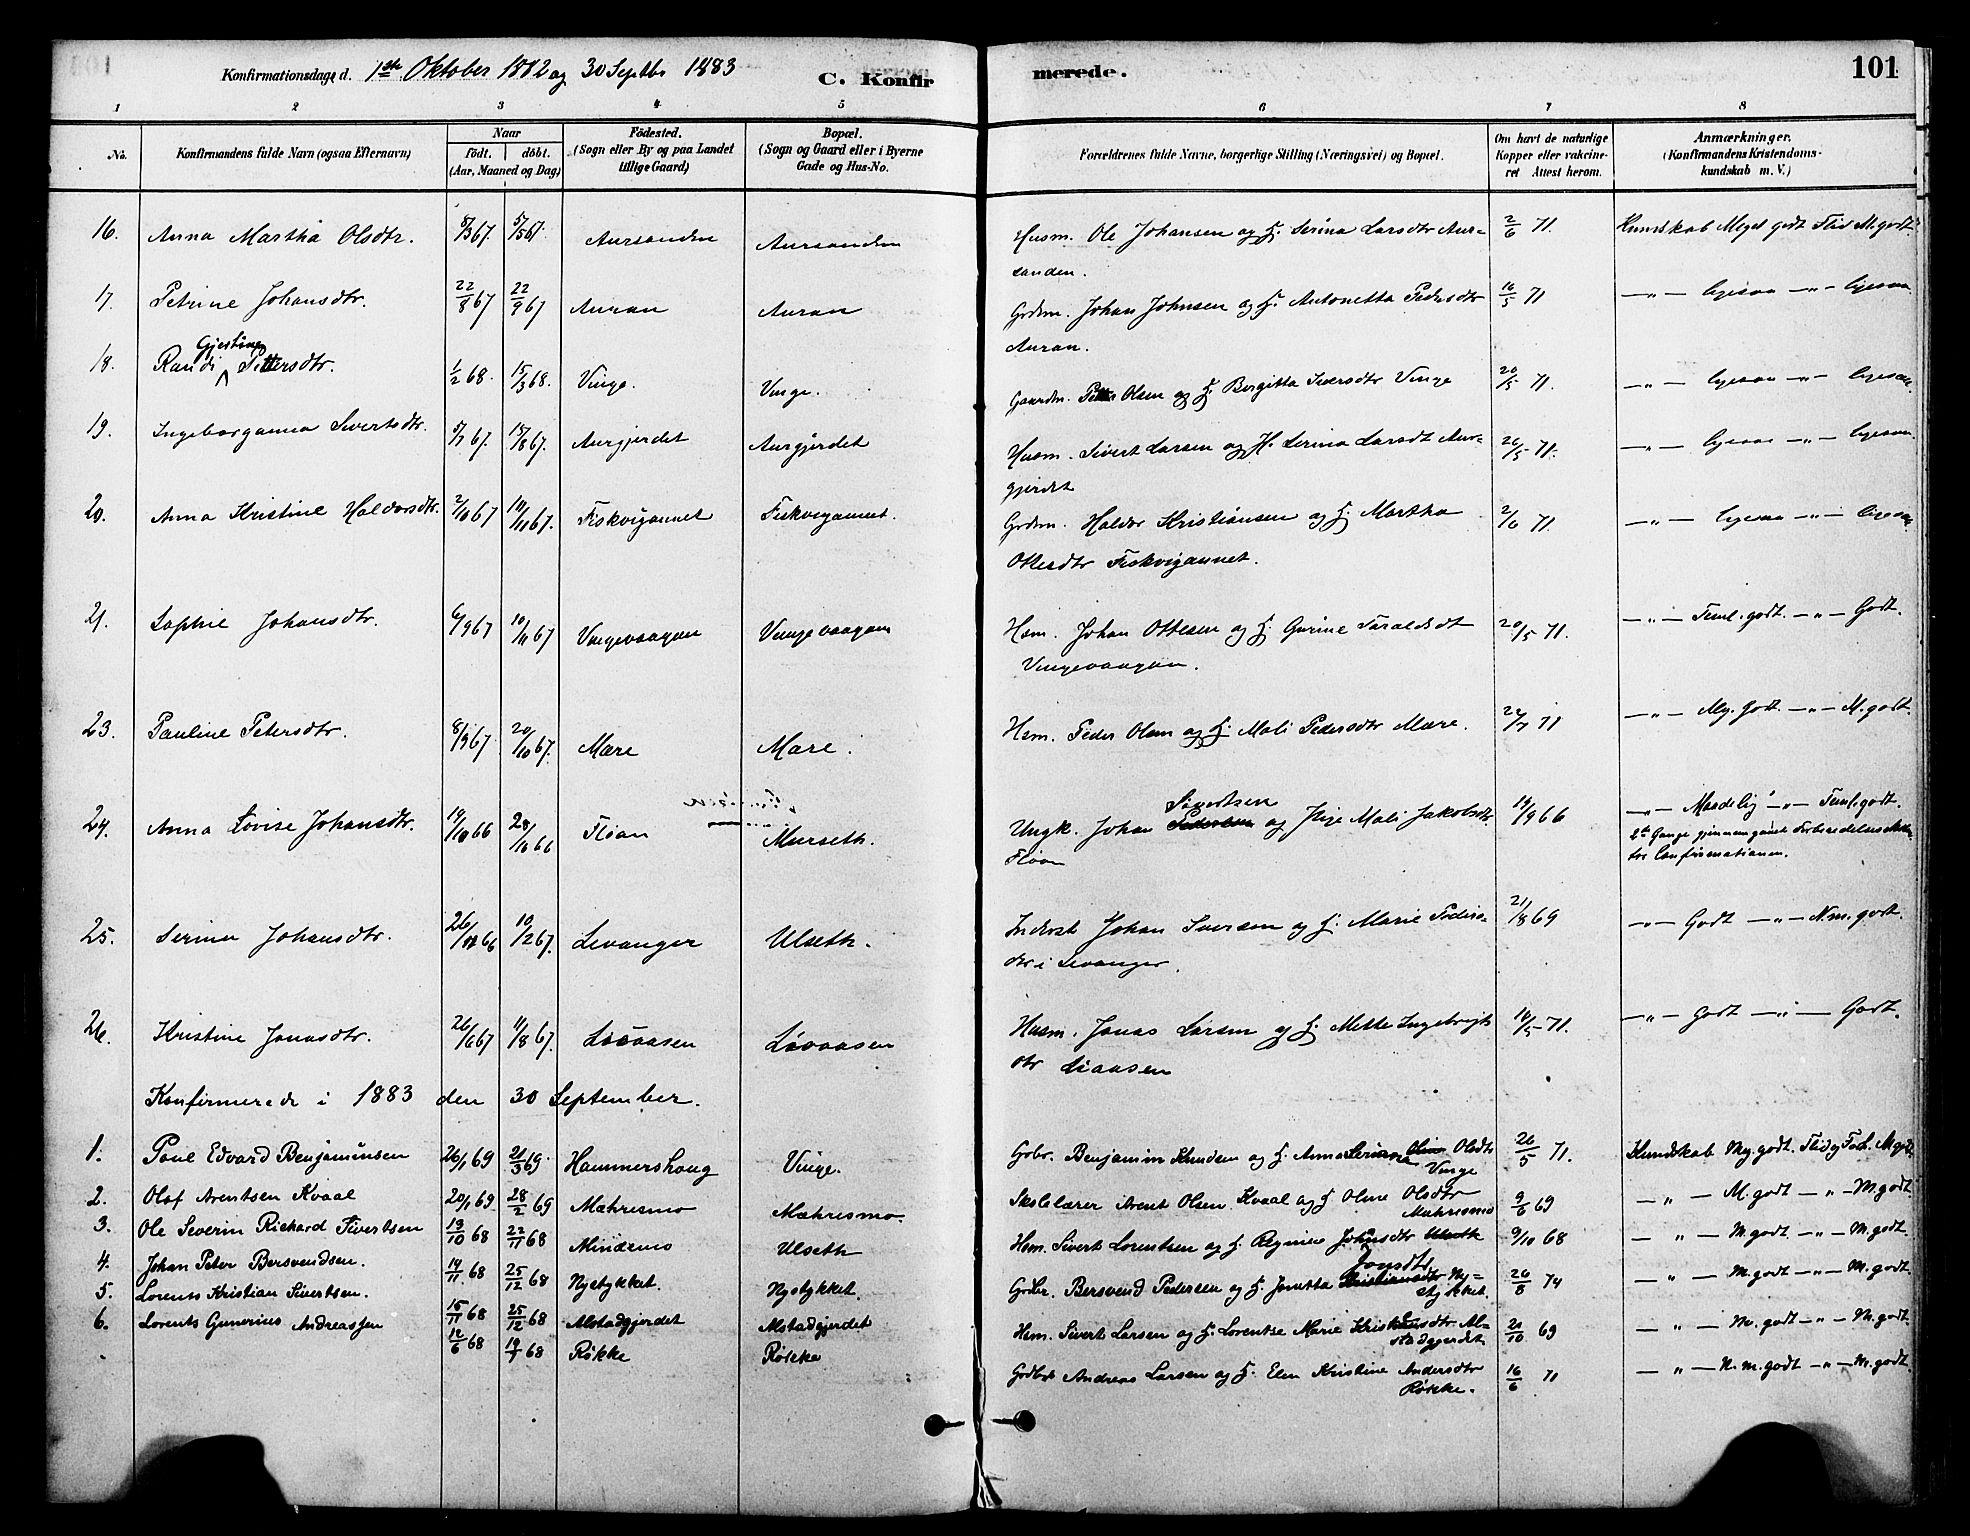 SAT, Ministerialprotokoller, klokkerbøker og fødselsregistre - Nord-Trøndelag, 712/L0100: Ministerialbok nr. 712A01, 1880-1900, s. 101